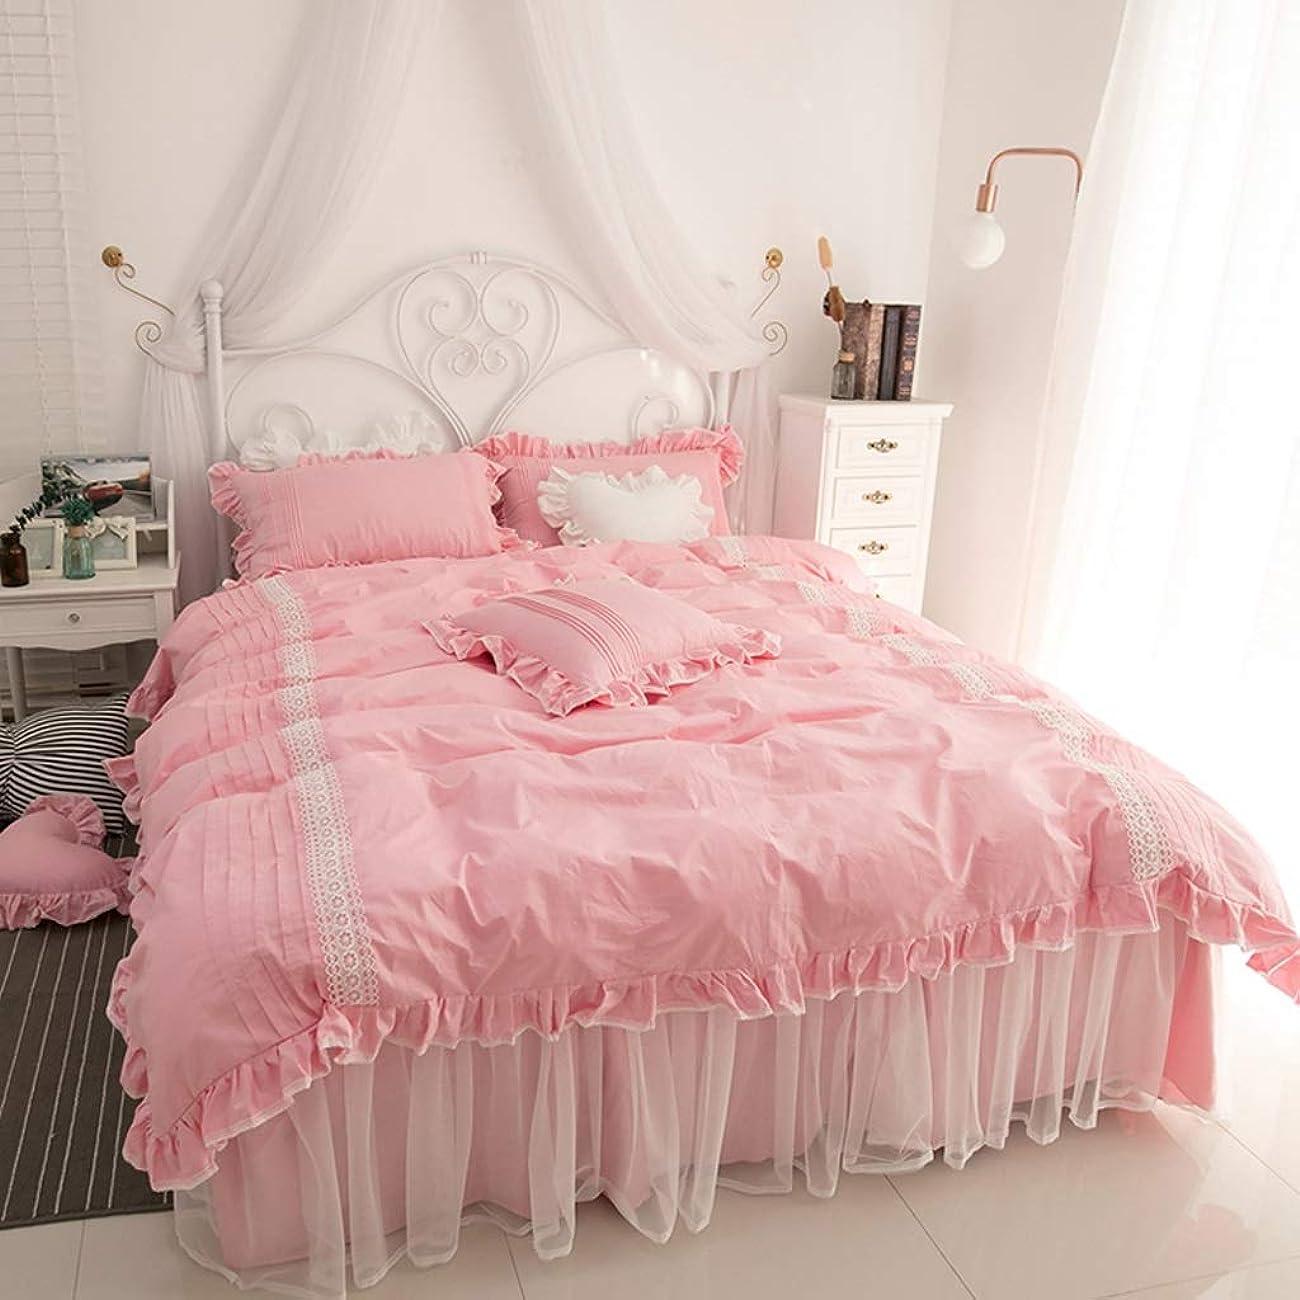 流体ペルセウス後悔布団カバーセット、柔らかくて 洗浄済みマイクロファイバー4本寝具セット、シックな農家の布団カバーと枕カバー、ジッパークロージャーとコーナータイ、シンプルで簡単なお手入れ (Color : ピンク, サイズ : ツイン)